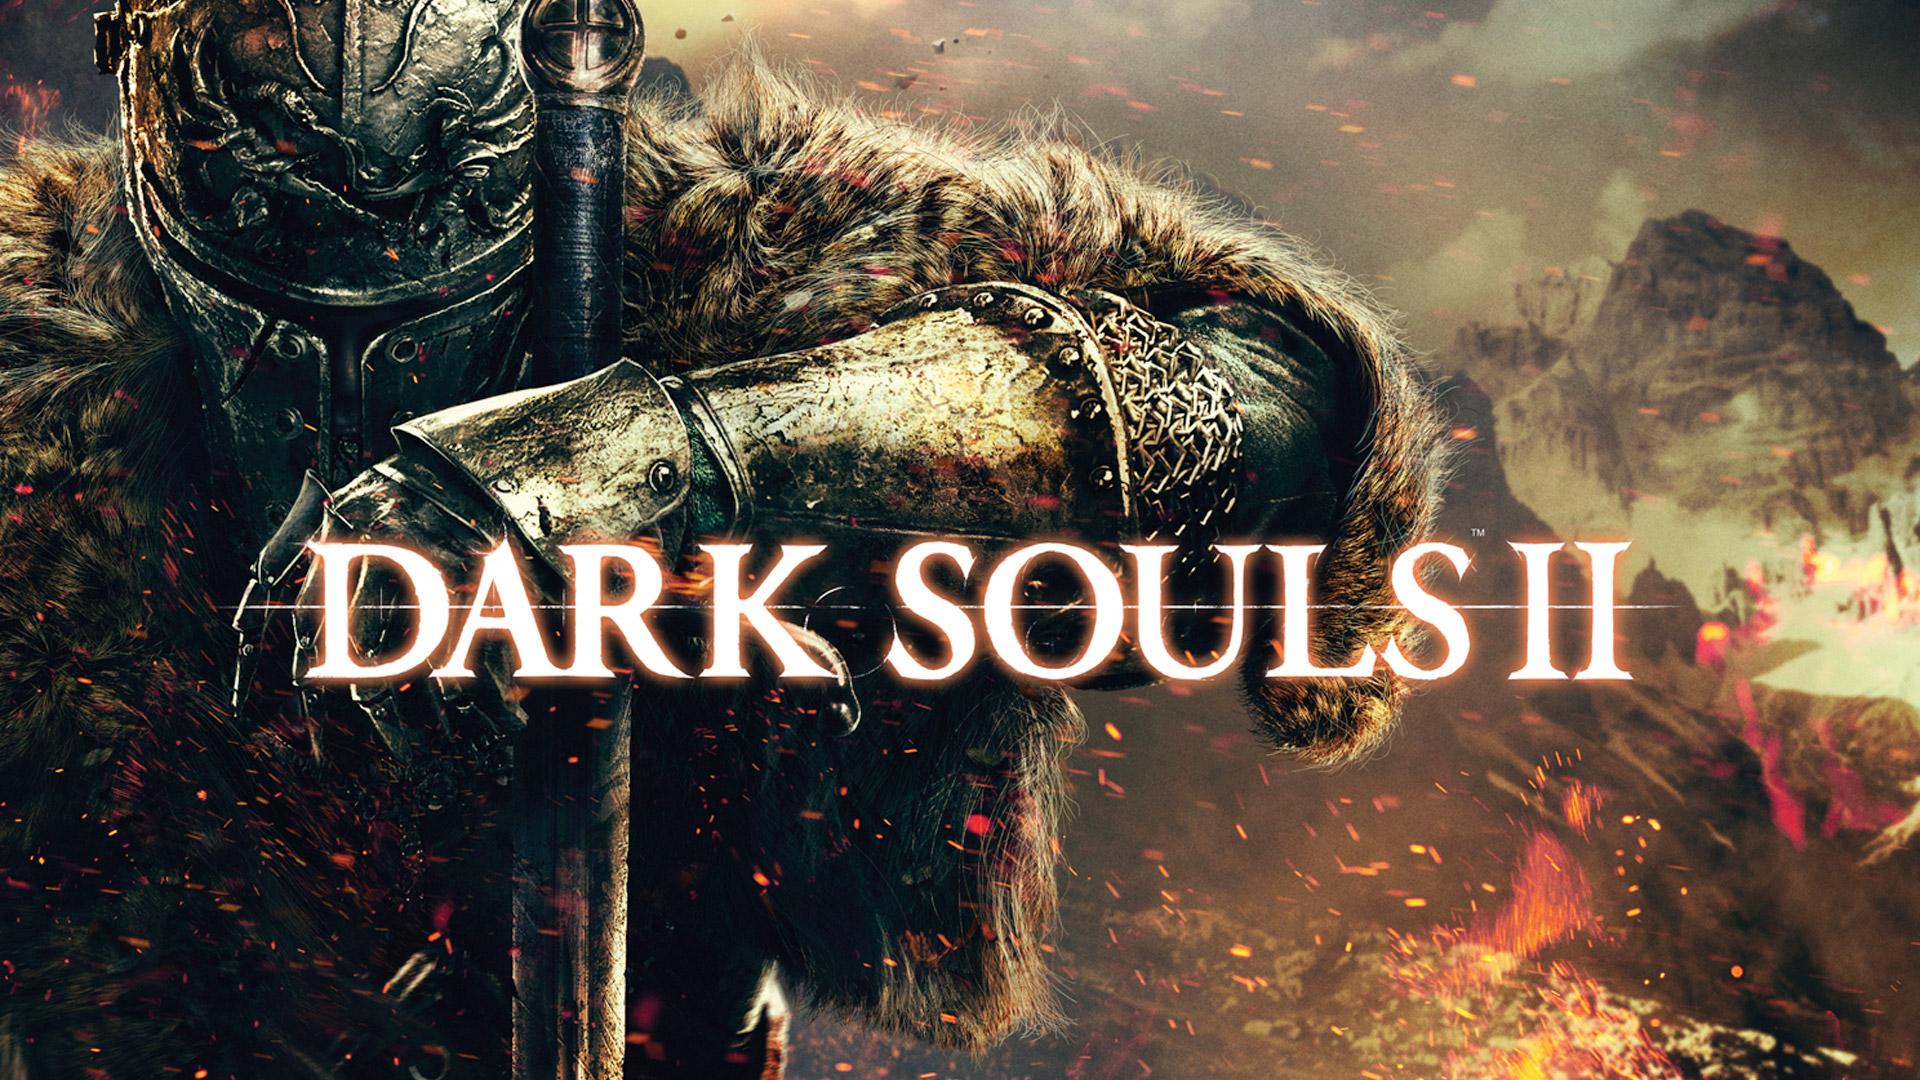 Free Dark Souls II Wallpaper in 1920x1080